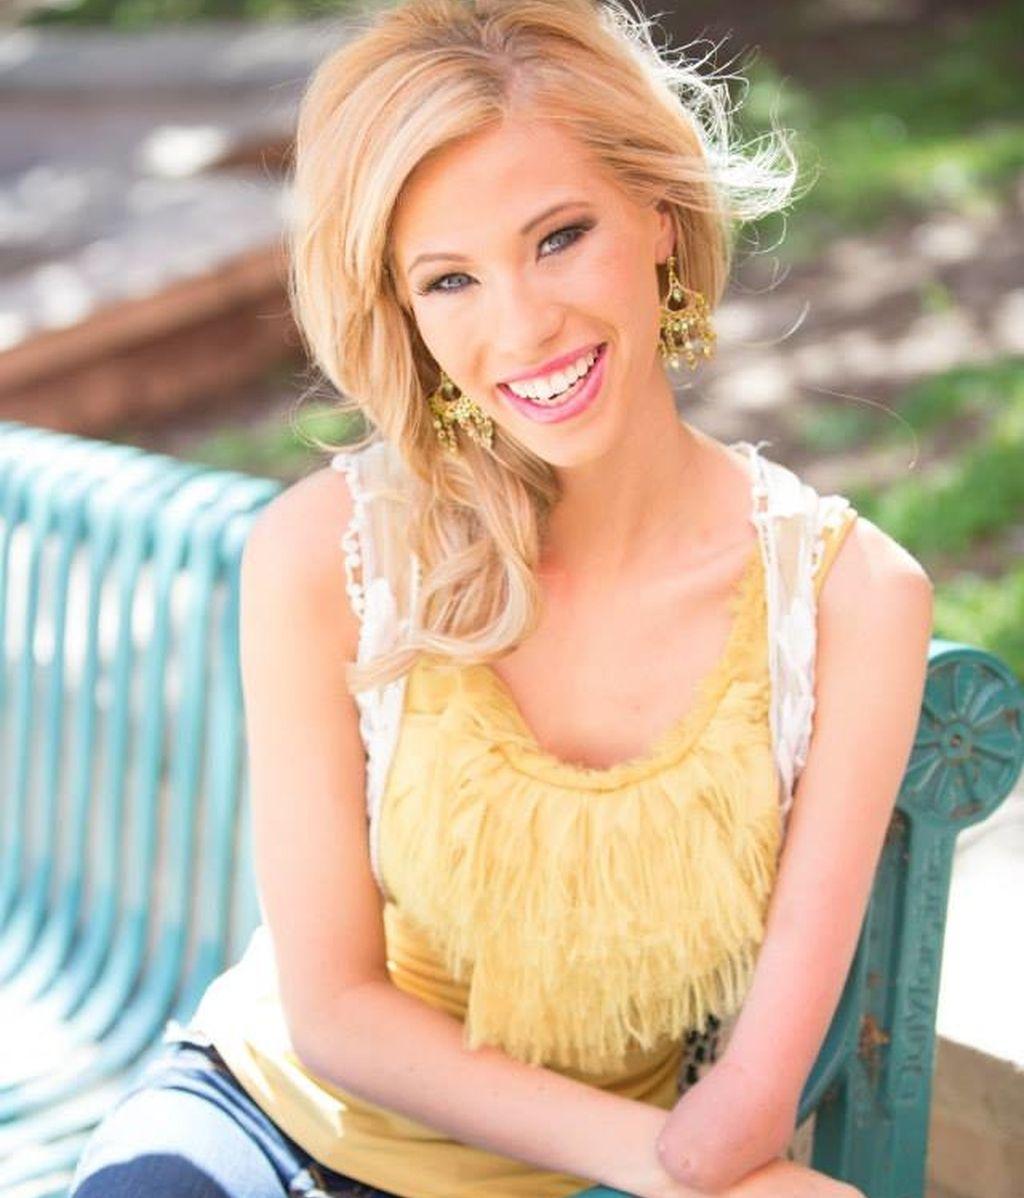 Nació sin un brazo y se ha convertido en Miss Iowa 2014